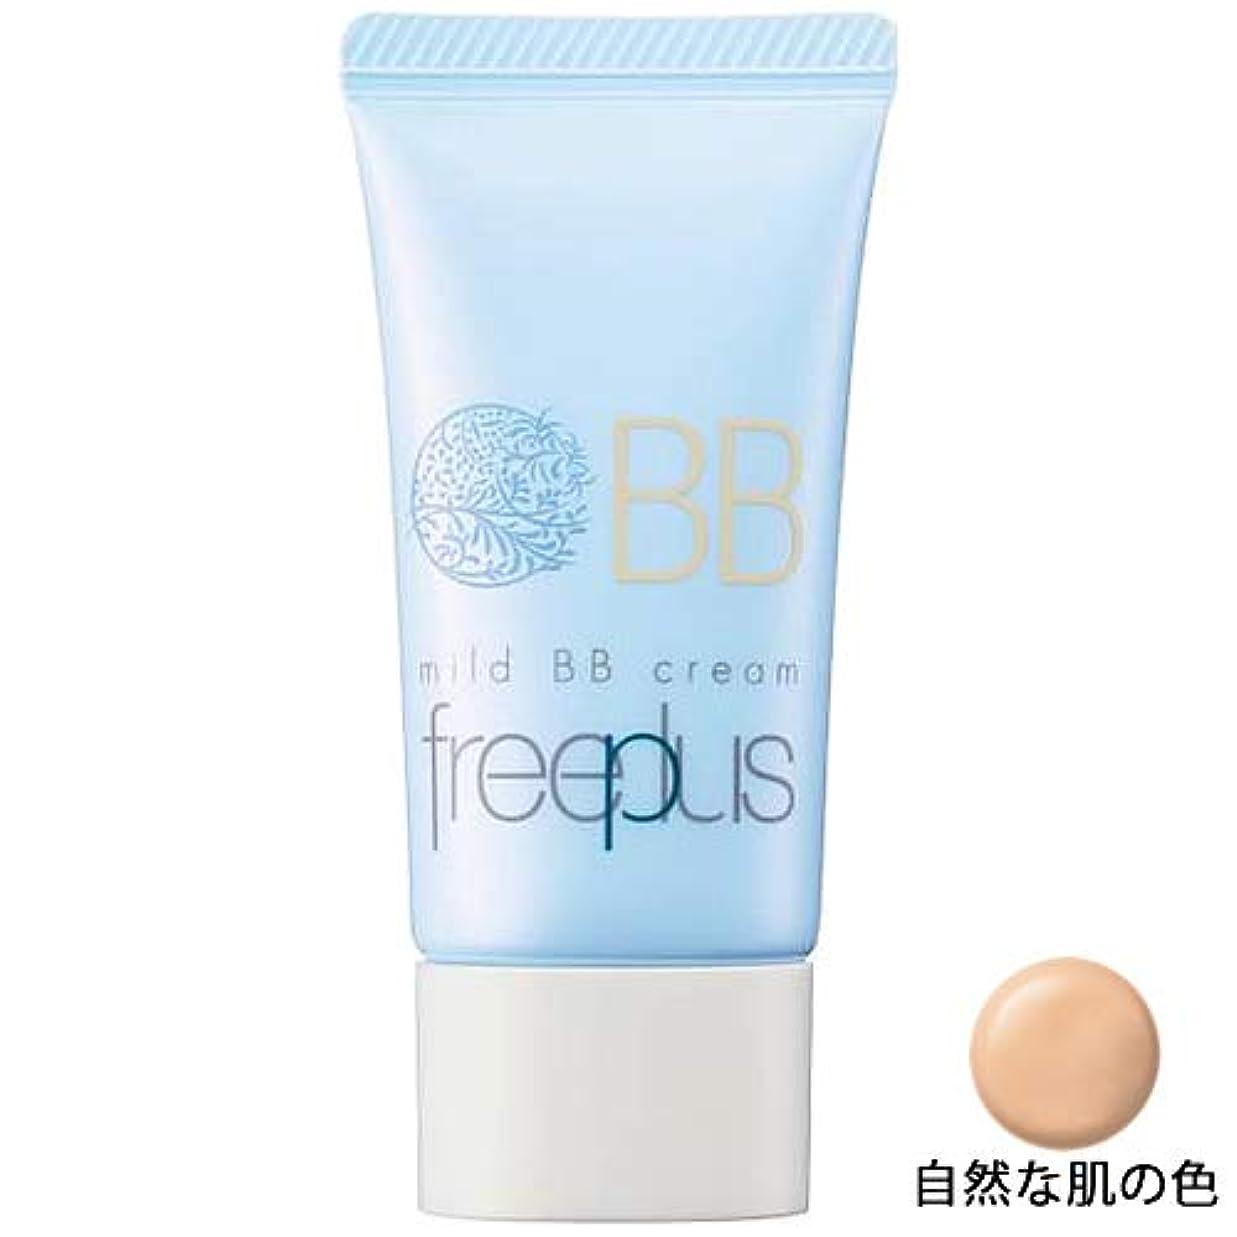 全能工業用一節フリープラス FREEPLUS フリープラス マイルドBBクリーム 30g [並行輸入品]